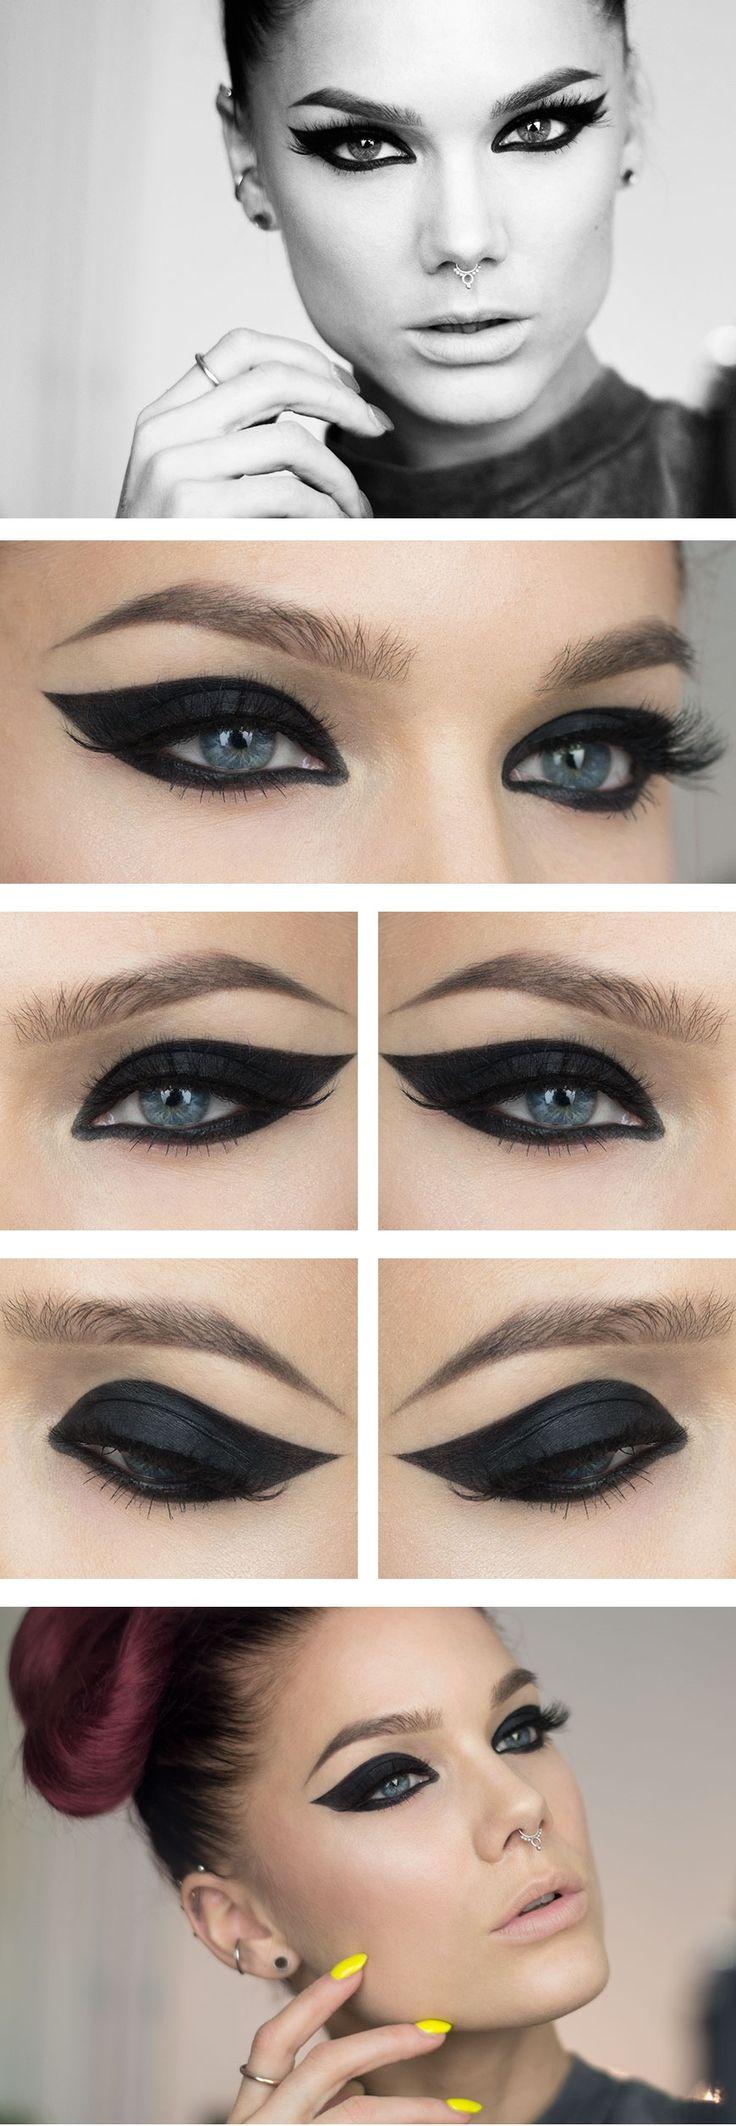 how to make eye black